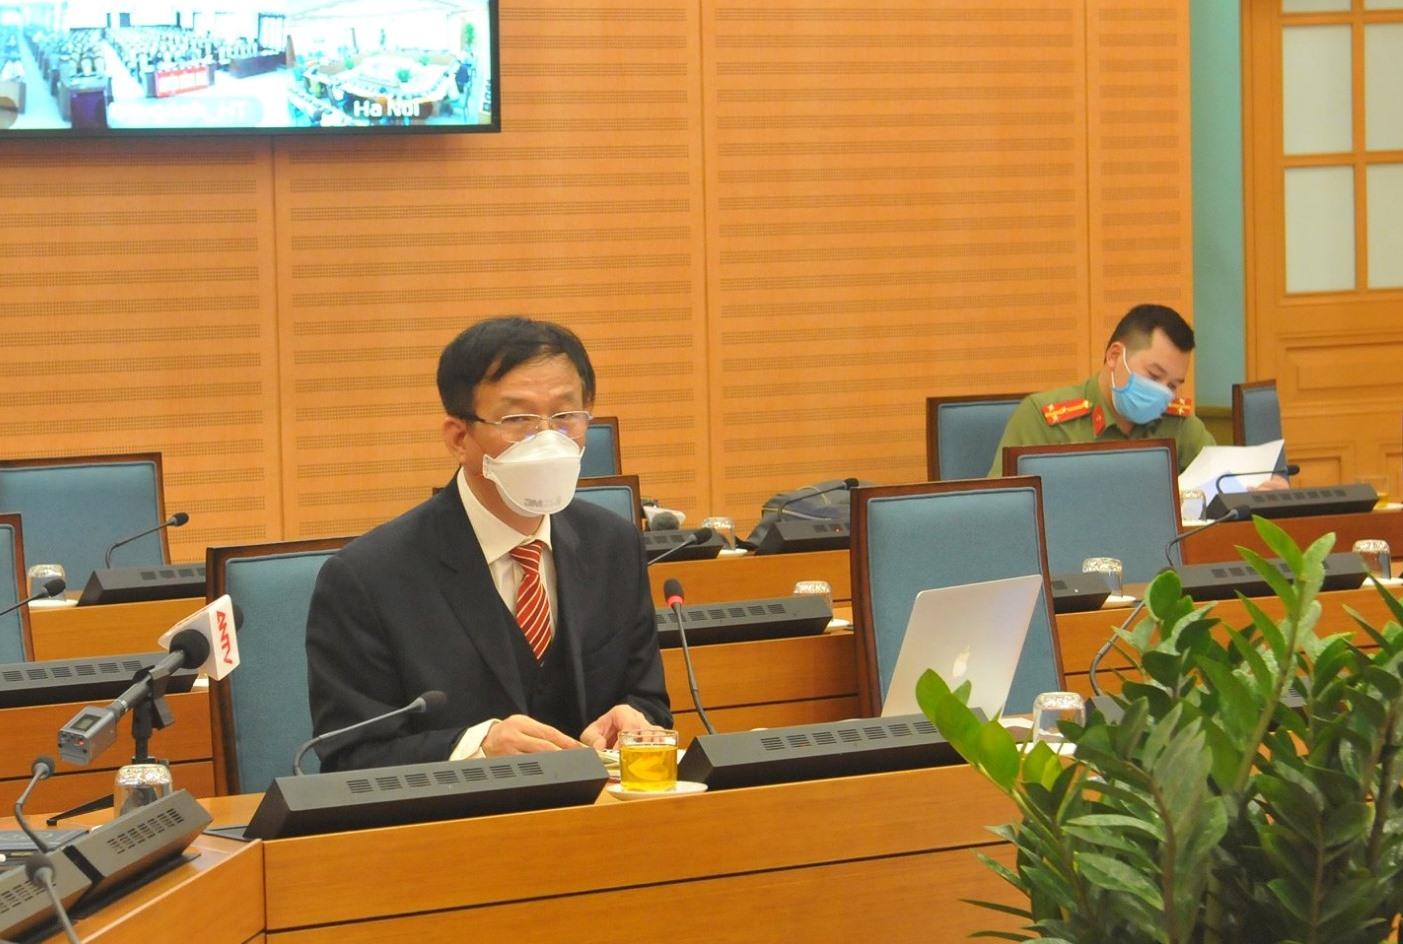 Bệnh viện Bạch Mai xin lỗi TP Hà Nội và mong muốn được hỗ trợ dập dịch COVID-19